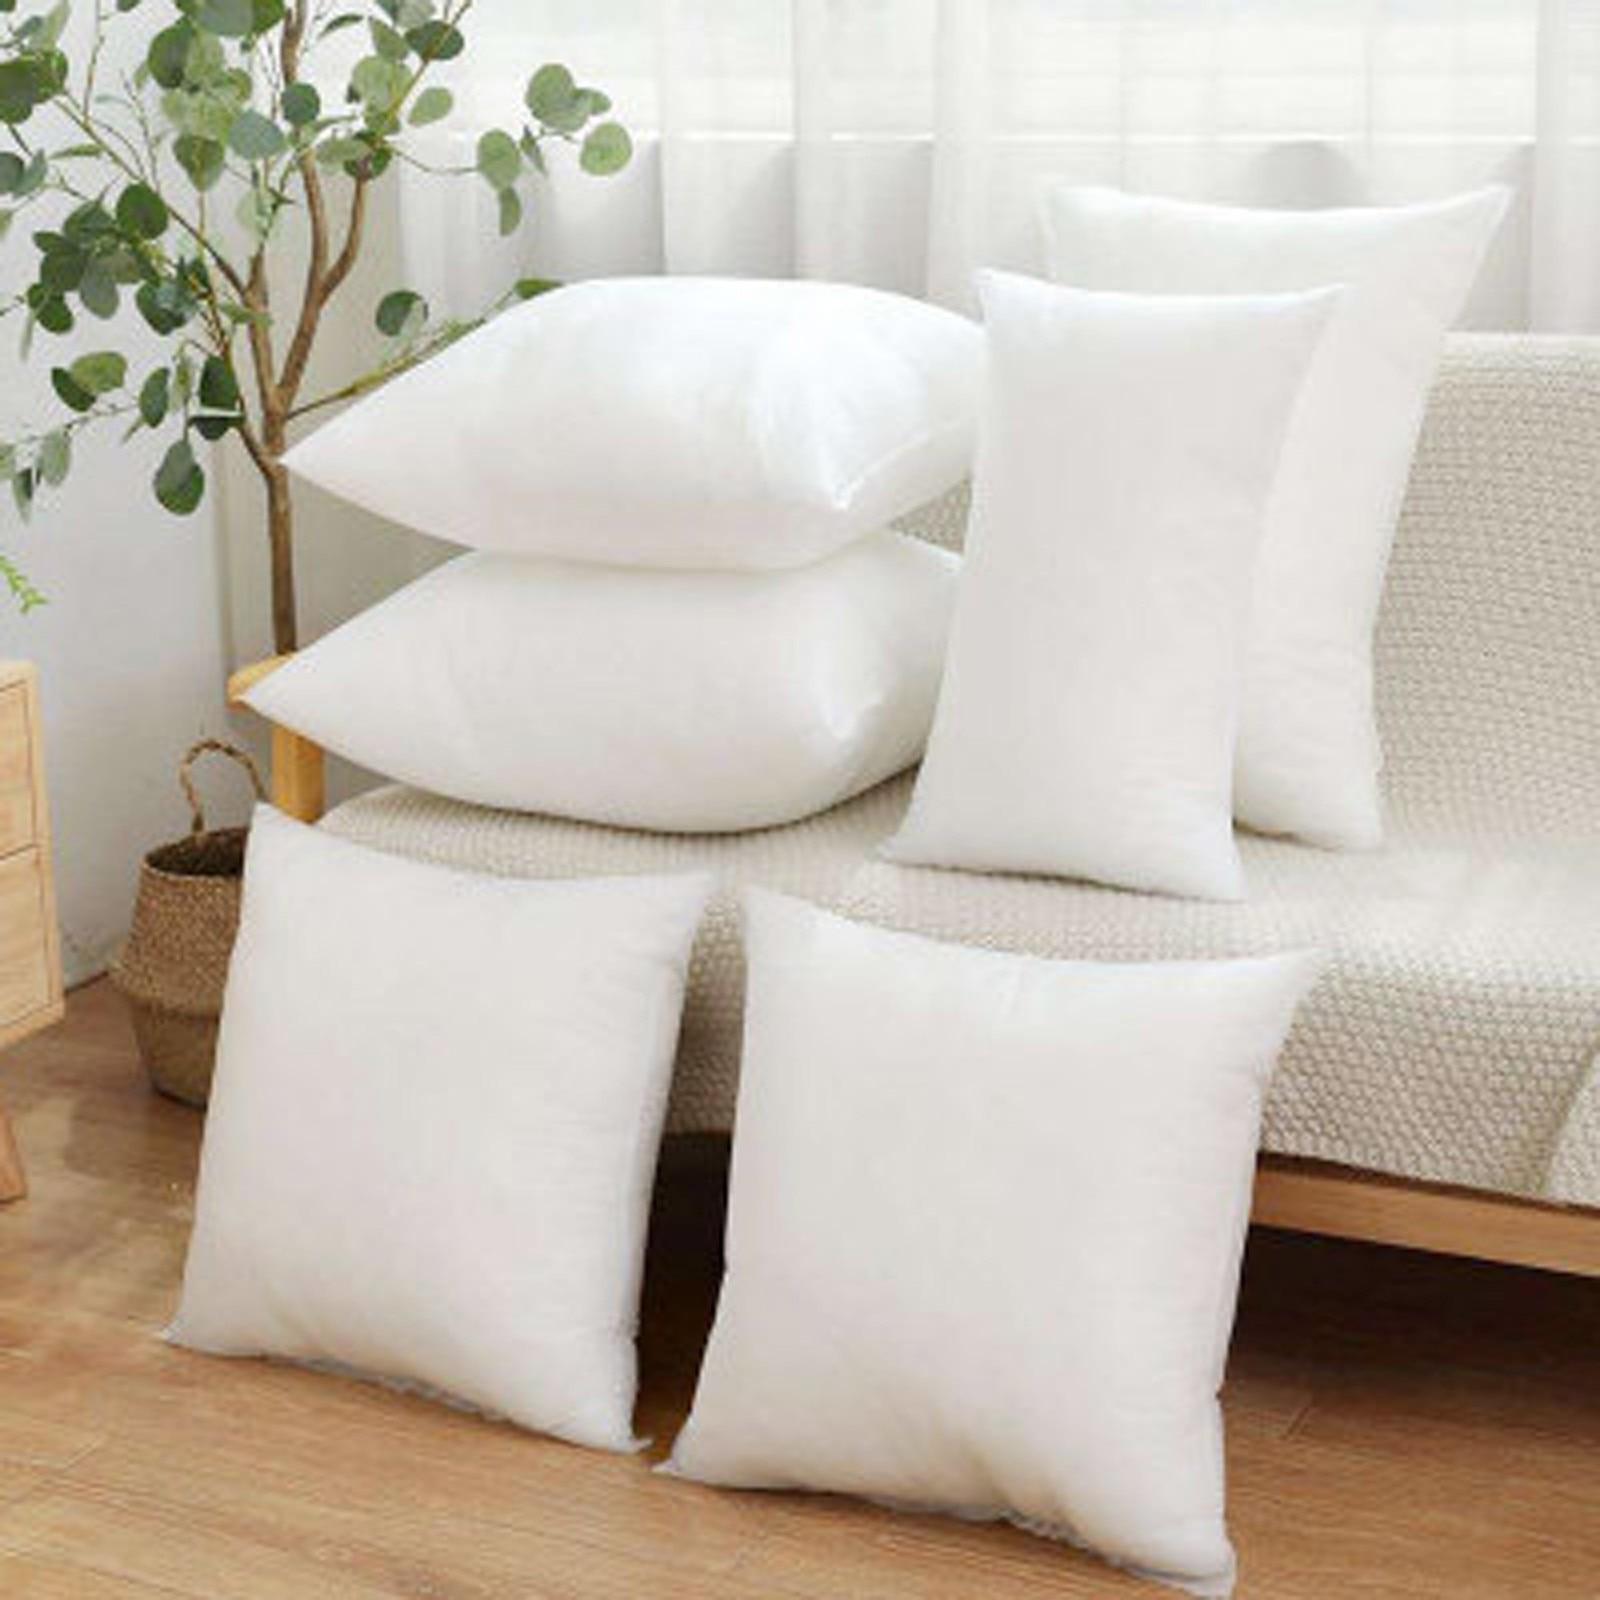 25 # домашняя подушка внутренний наполнитель хлопок-мягкий подушка с сердечником из нетканого материала, мягкая подушка для автомобиля Core из...